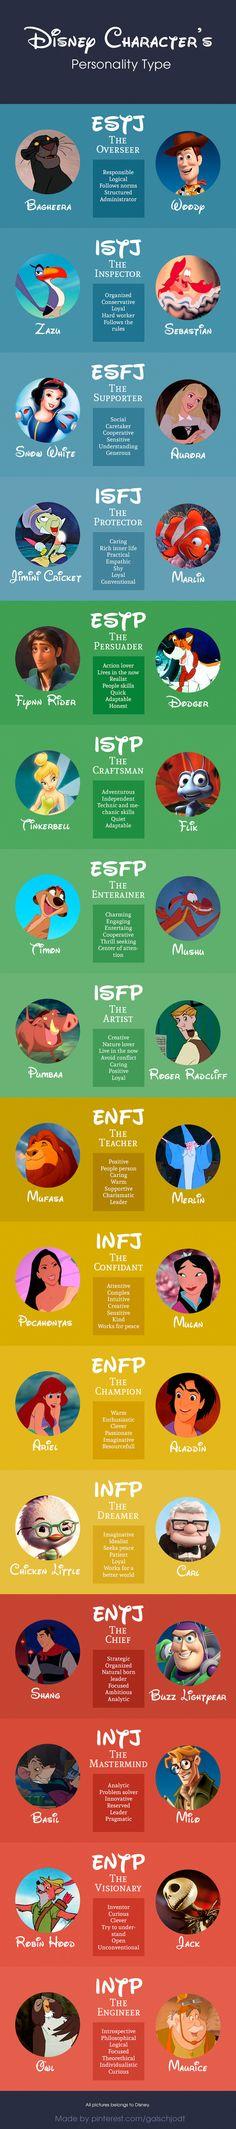 Disney Personality Type